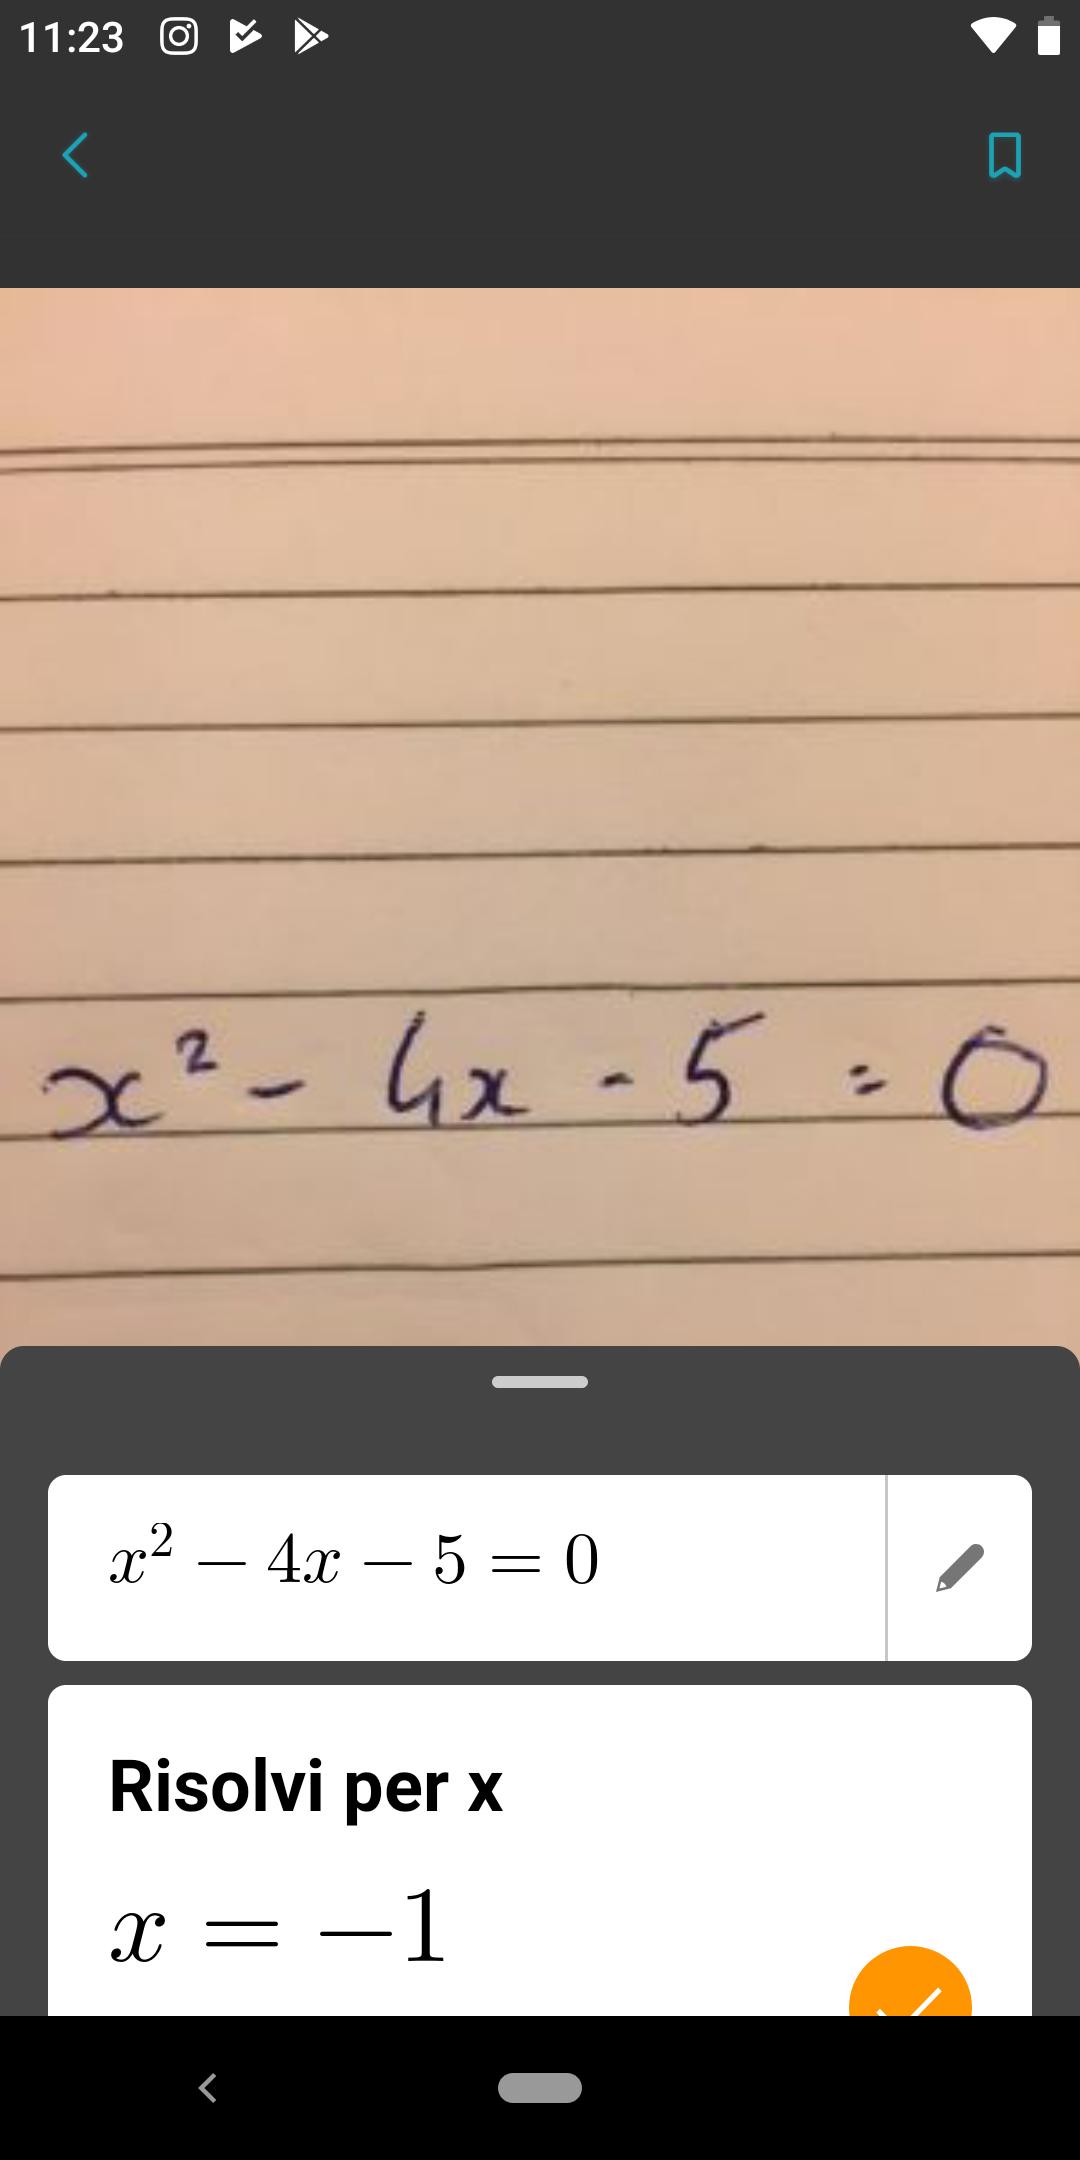 Microsoft Math Solver risolve i problemi di matematica con ...